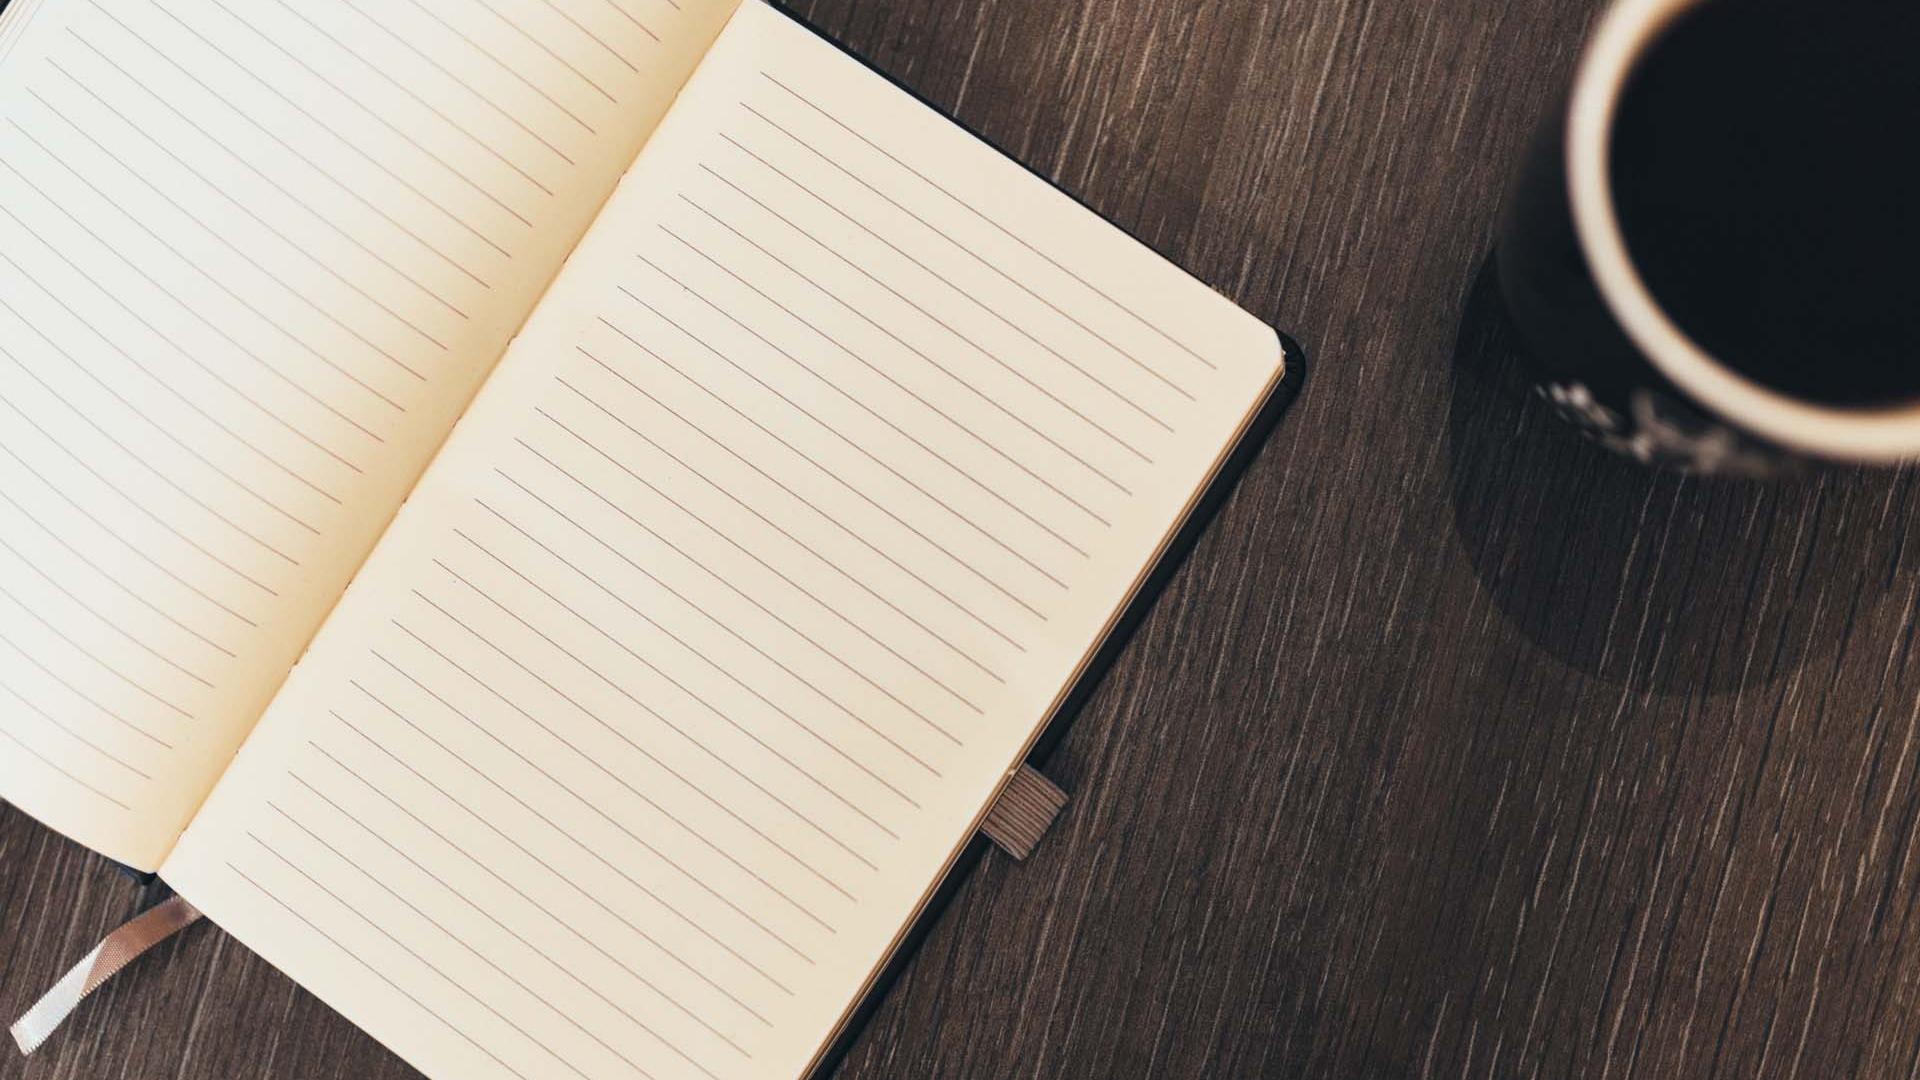 La prima guida completa su come trovare l'idea per una startup di successo